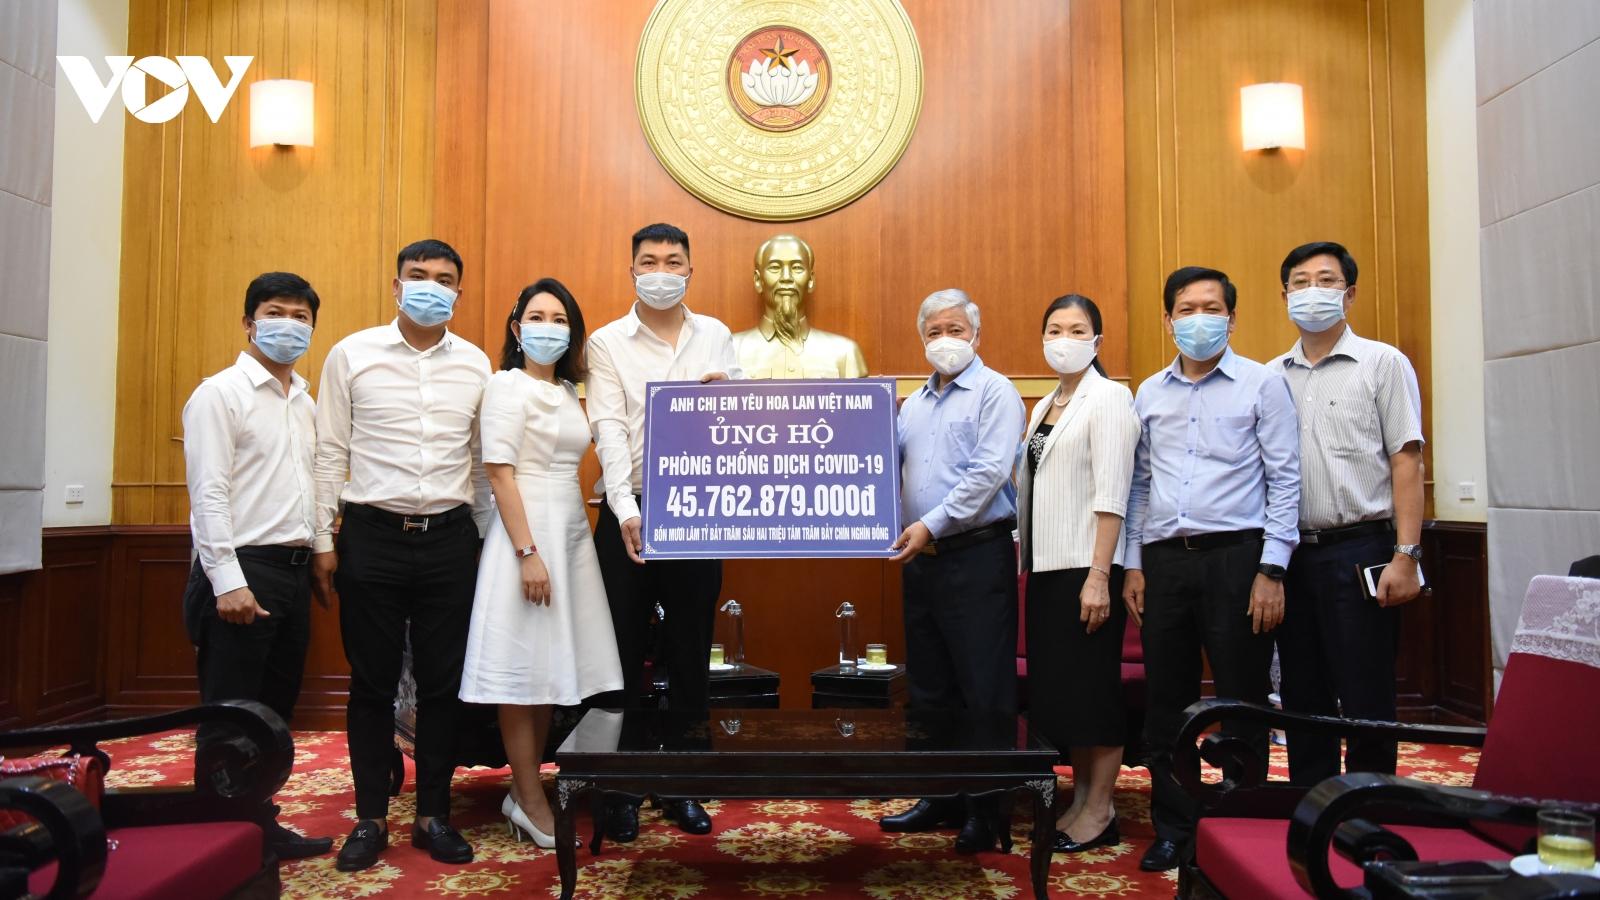 Tiếp nhận 45 tỷ ủng hộ, Mặt trận Tổ quốc Việt Nam sẽ ưu tiên mua vaccine